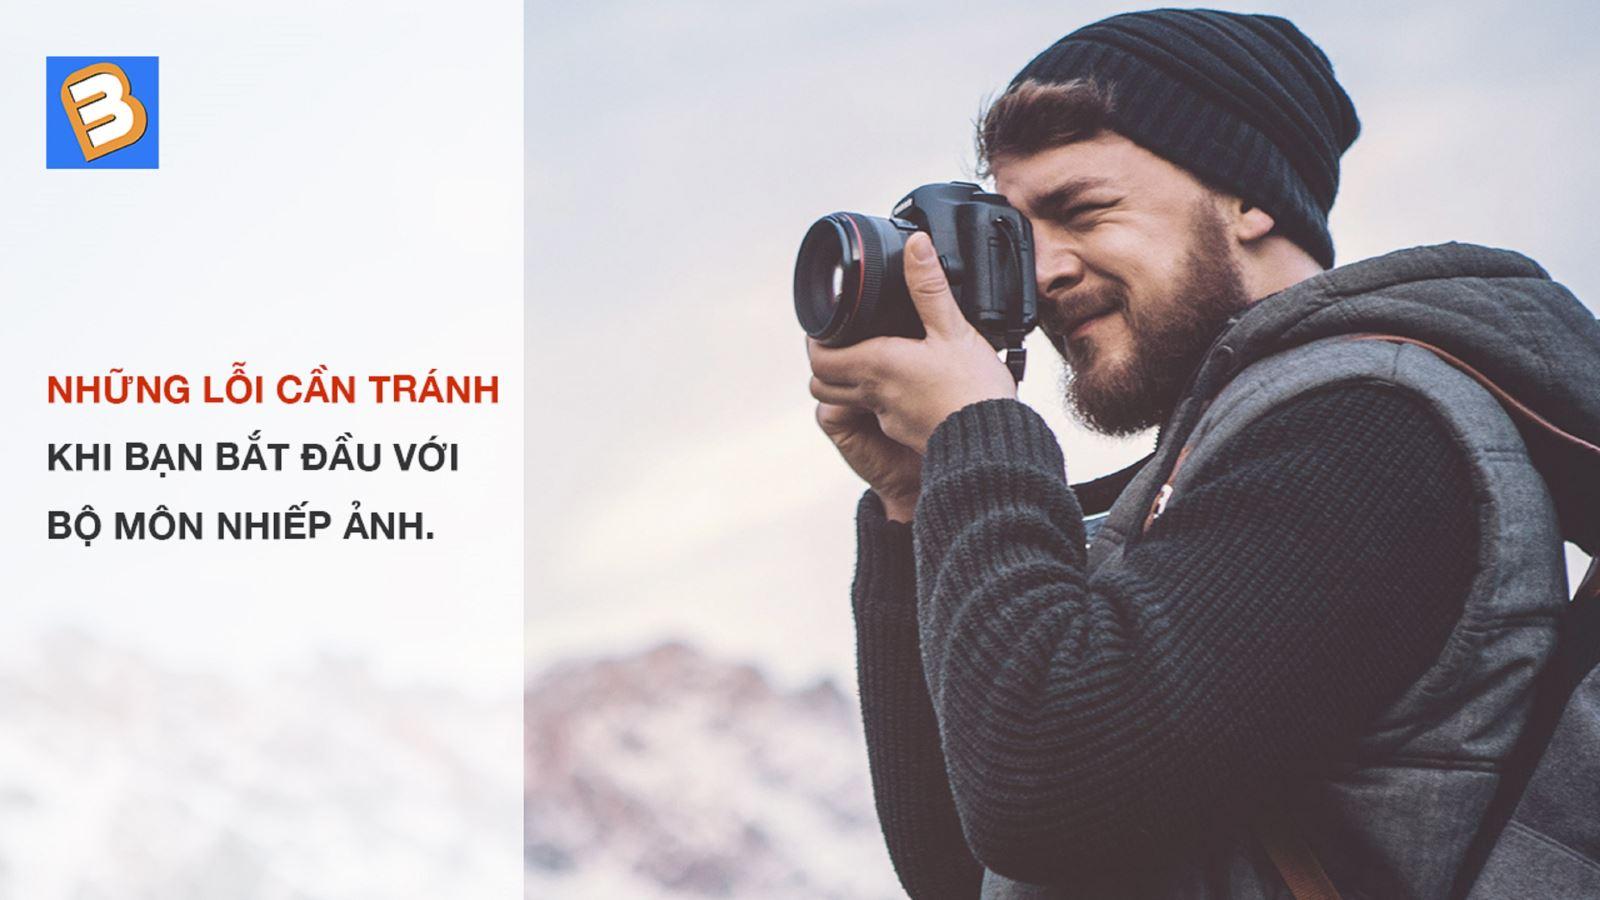 Nhữnglỗi cần tránh khi bạn bắt đầu với bộ môn nhiếp ảnh